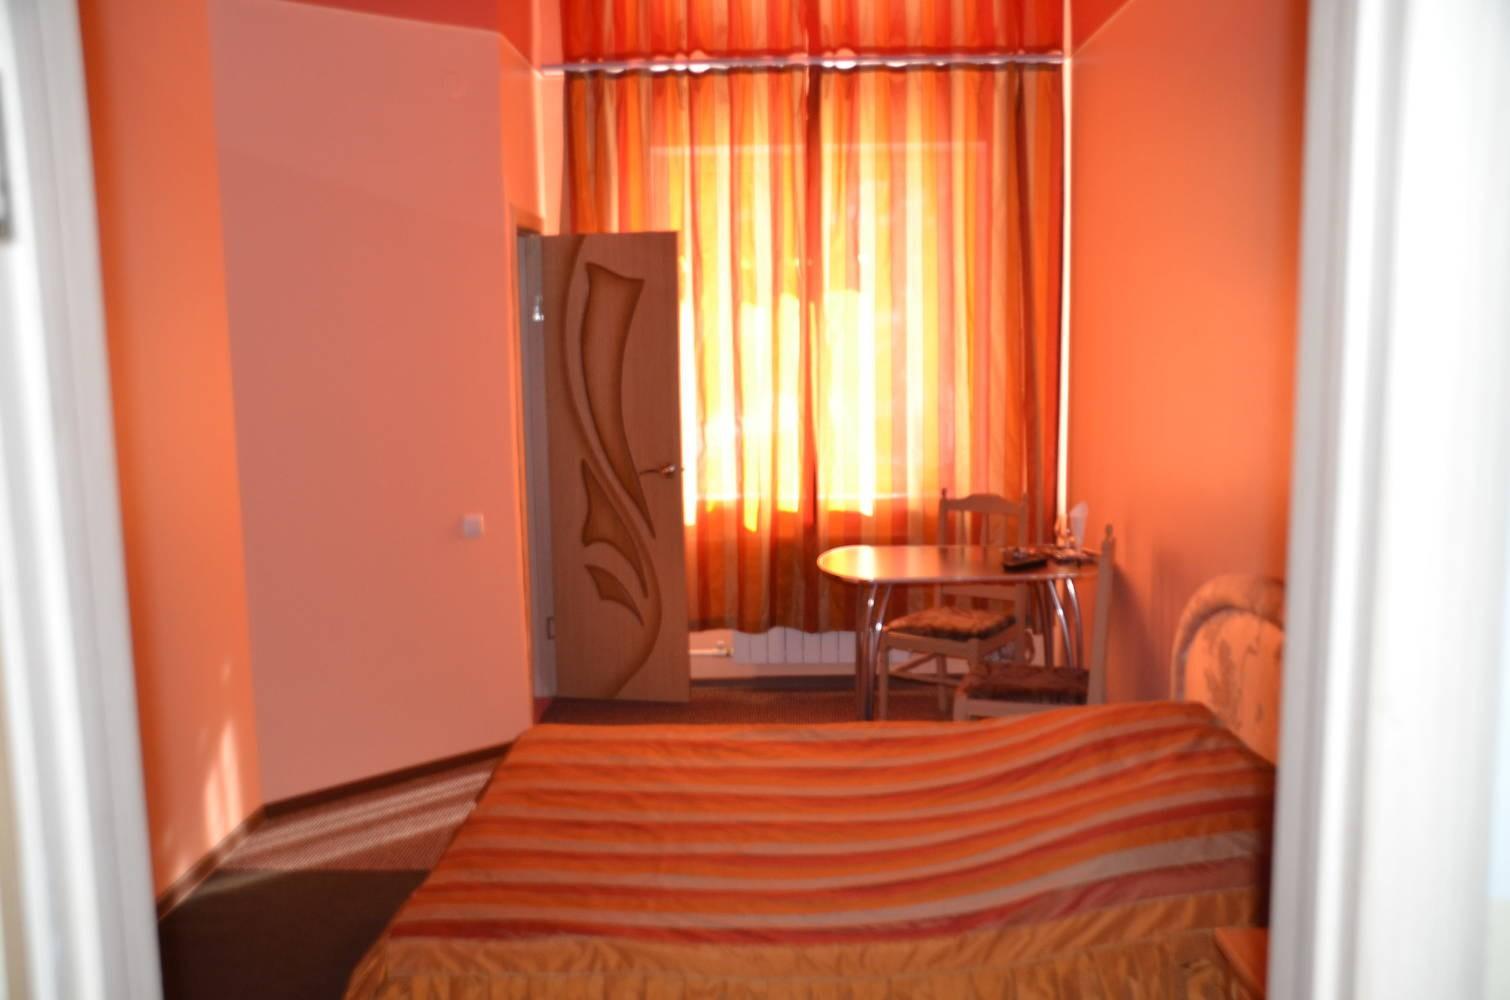 Золотой Стандарт, гостиничный комплекс - №58